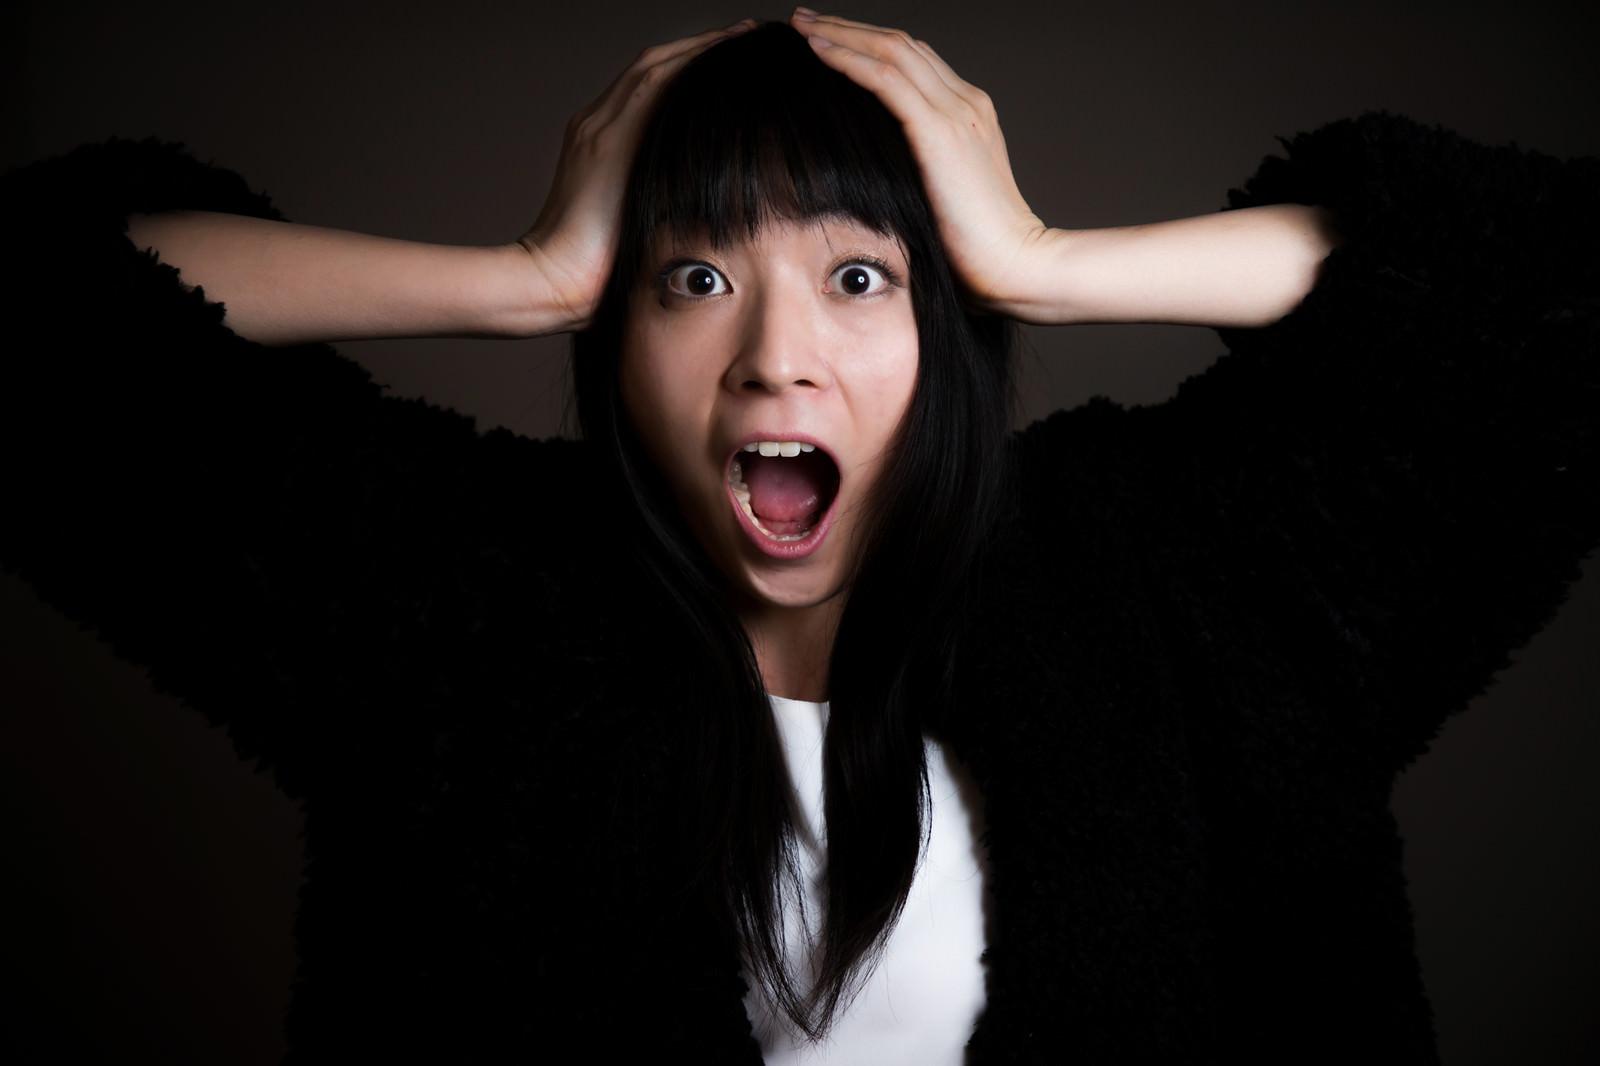 「あ゛あ゛あ゛あ゛あ゛あ゛あ゛あ゛あ゛あ゛あ゛あ゛!!!!あ゛あ゛あ゛あ゛あ゛あ゛あ゛あ゛あ゛あ゛あ゛あ゛!!!!」[モデル:たけべともこ]のフリー写真素材を拡大